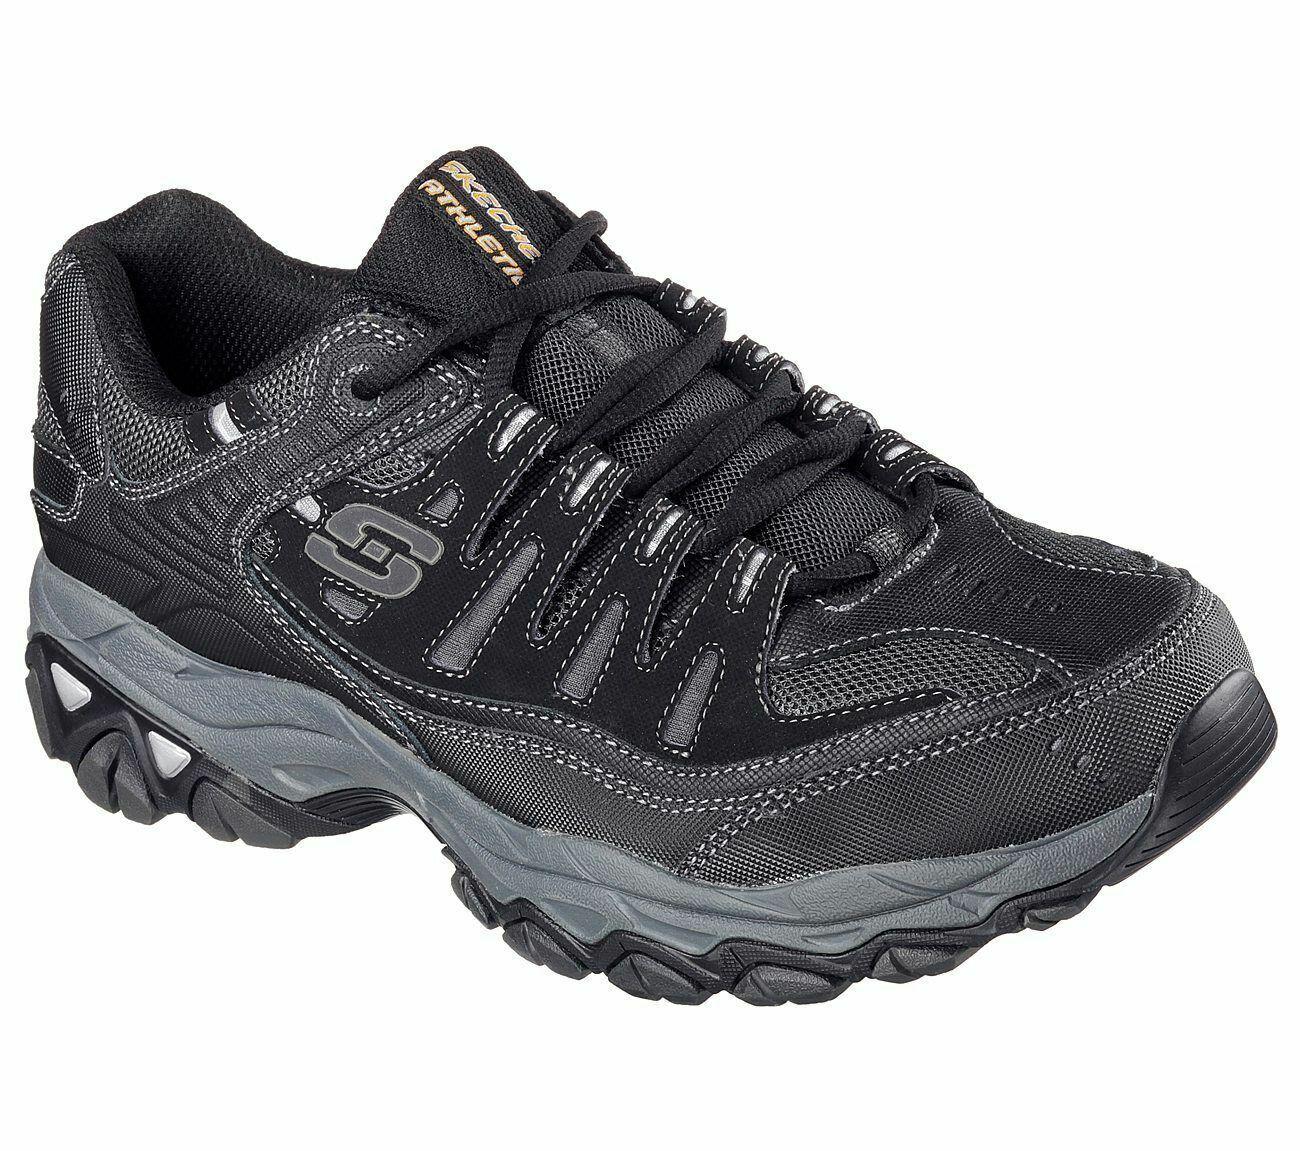 Black Skechers shoes EWW 50125 4E Wide Width Big & Tall Men Memory Foam Leather